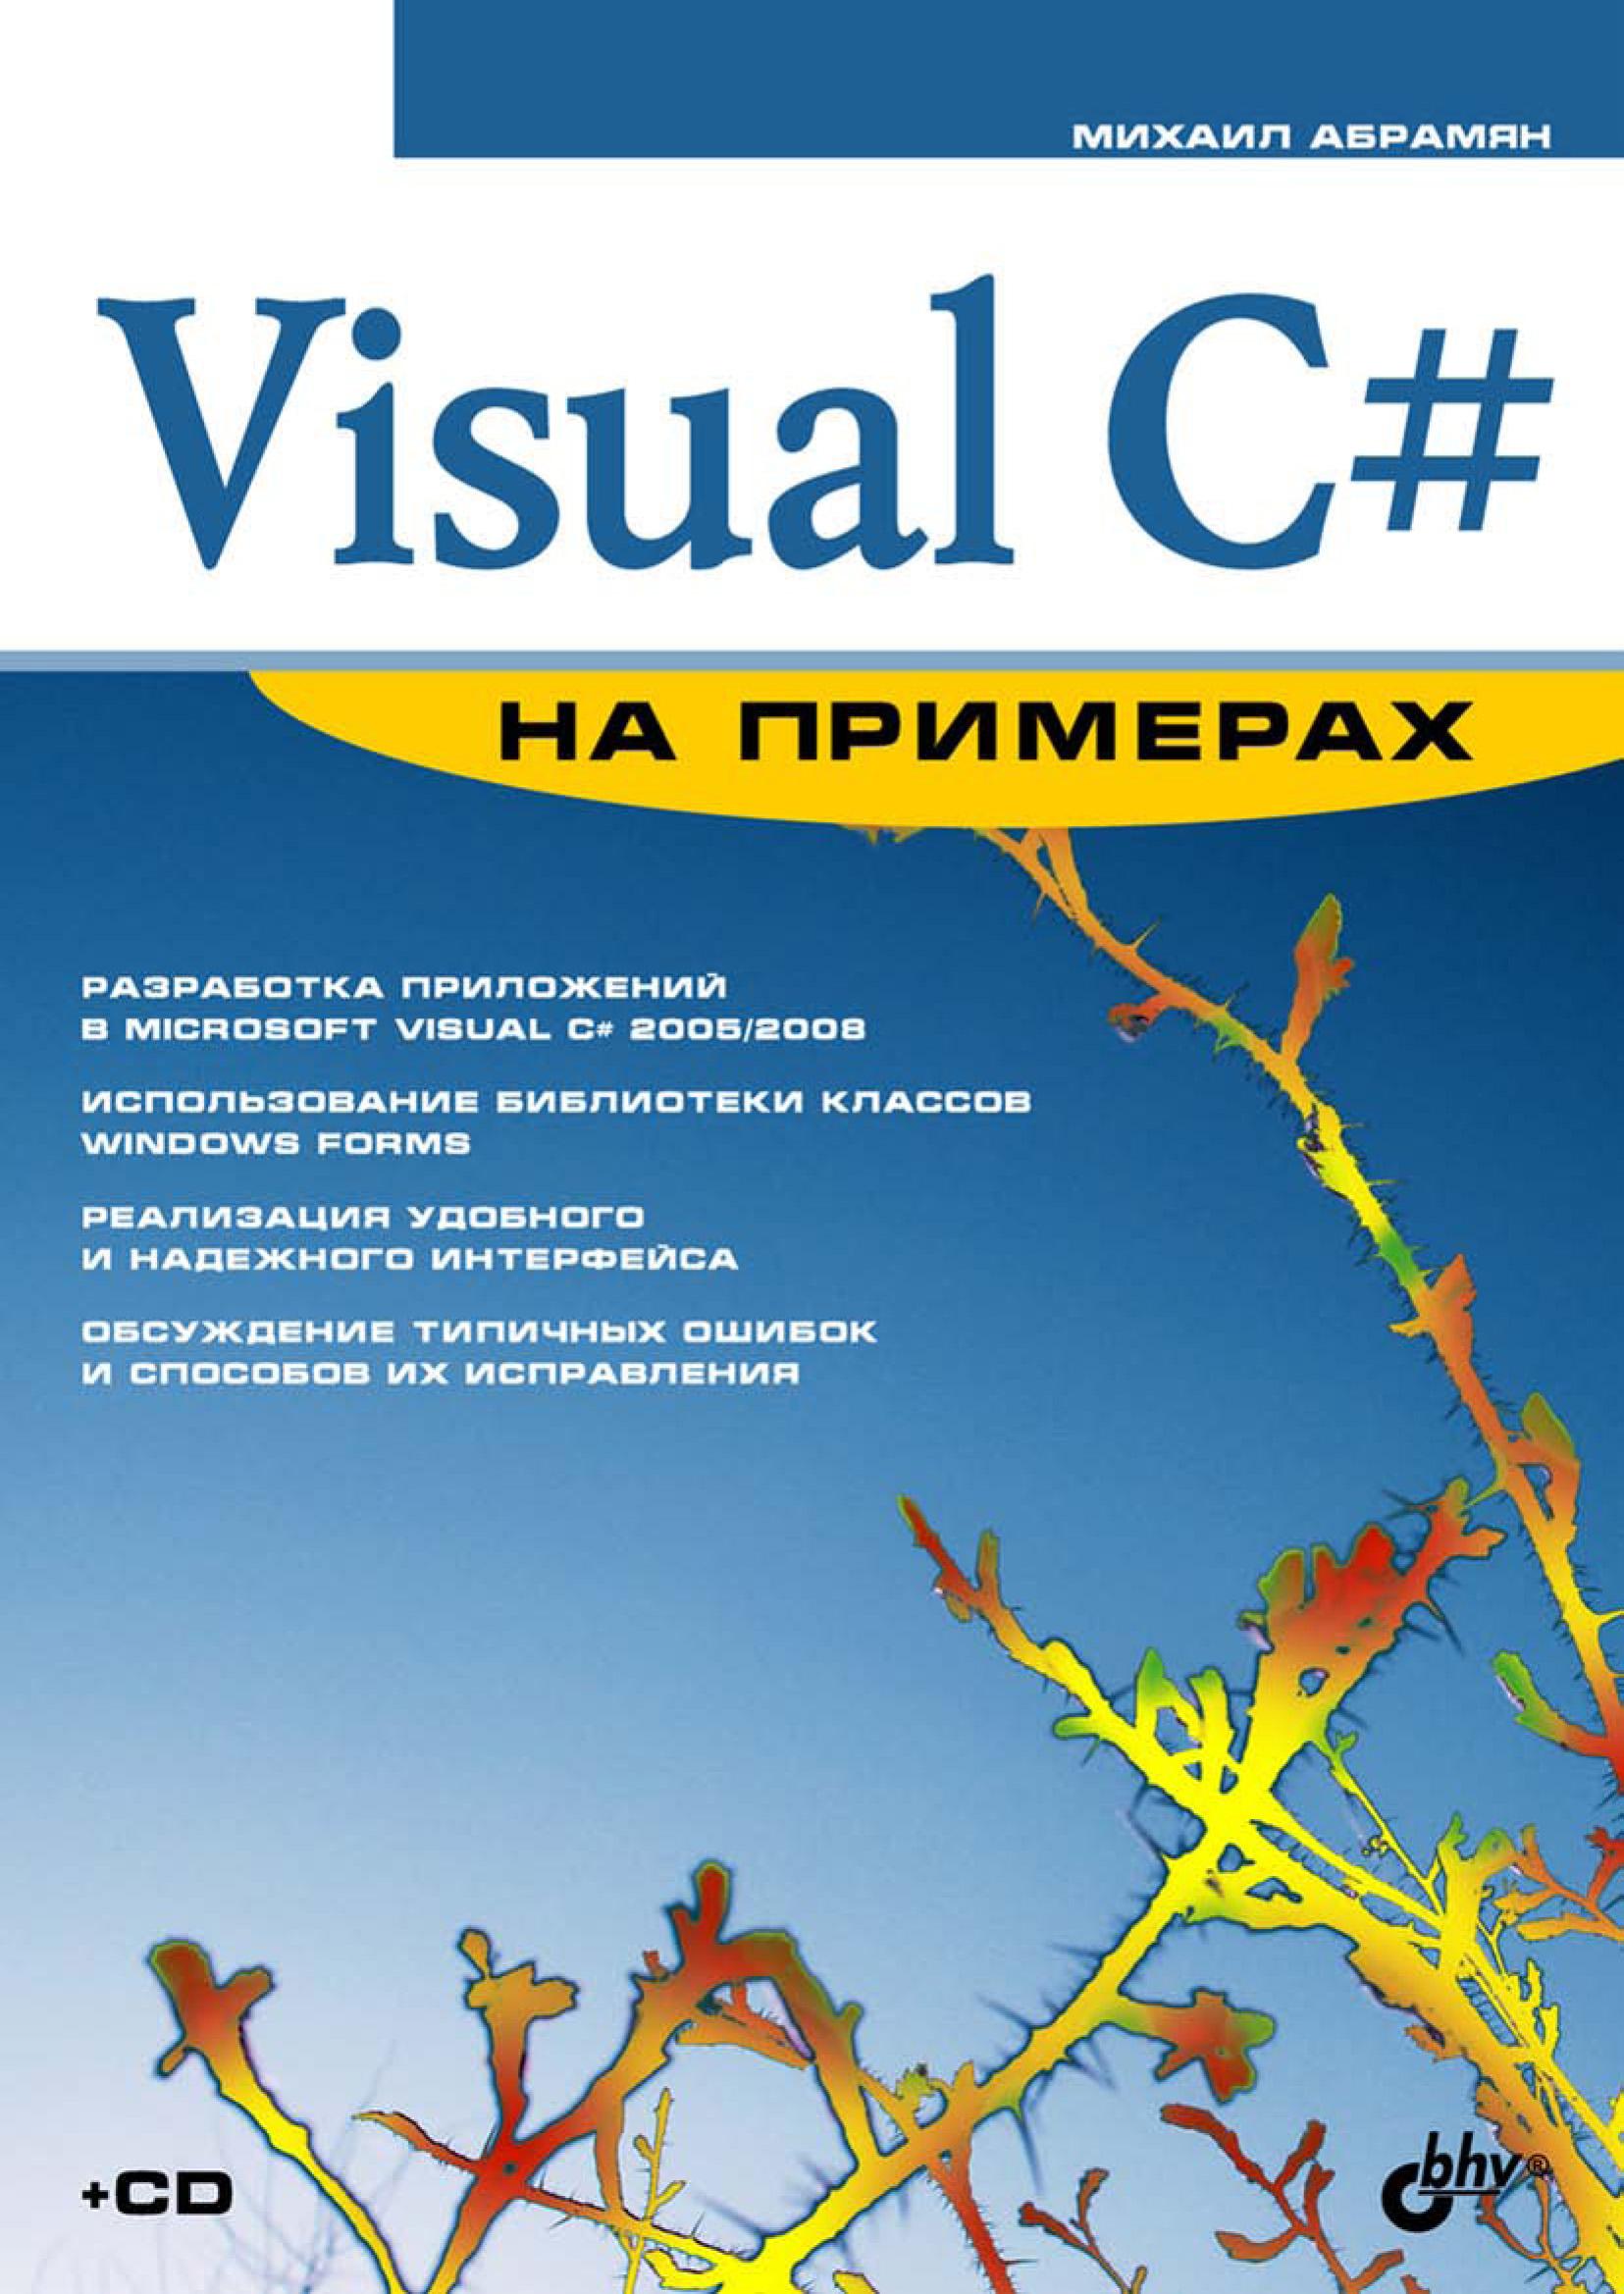 Фото - Михаил Абрамян Visual C# на примерах с с байдачный net framework 2 0 секреты создания windows приложений